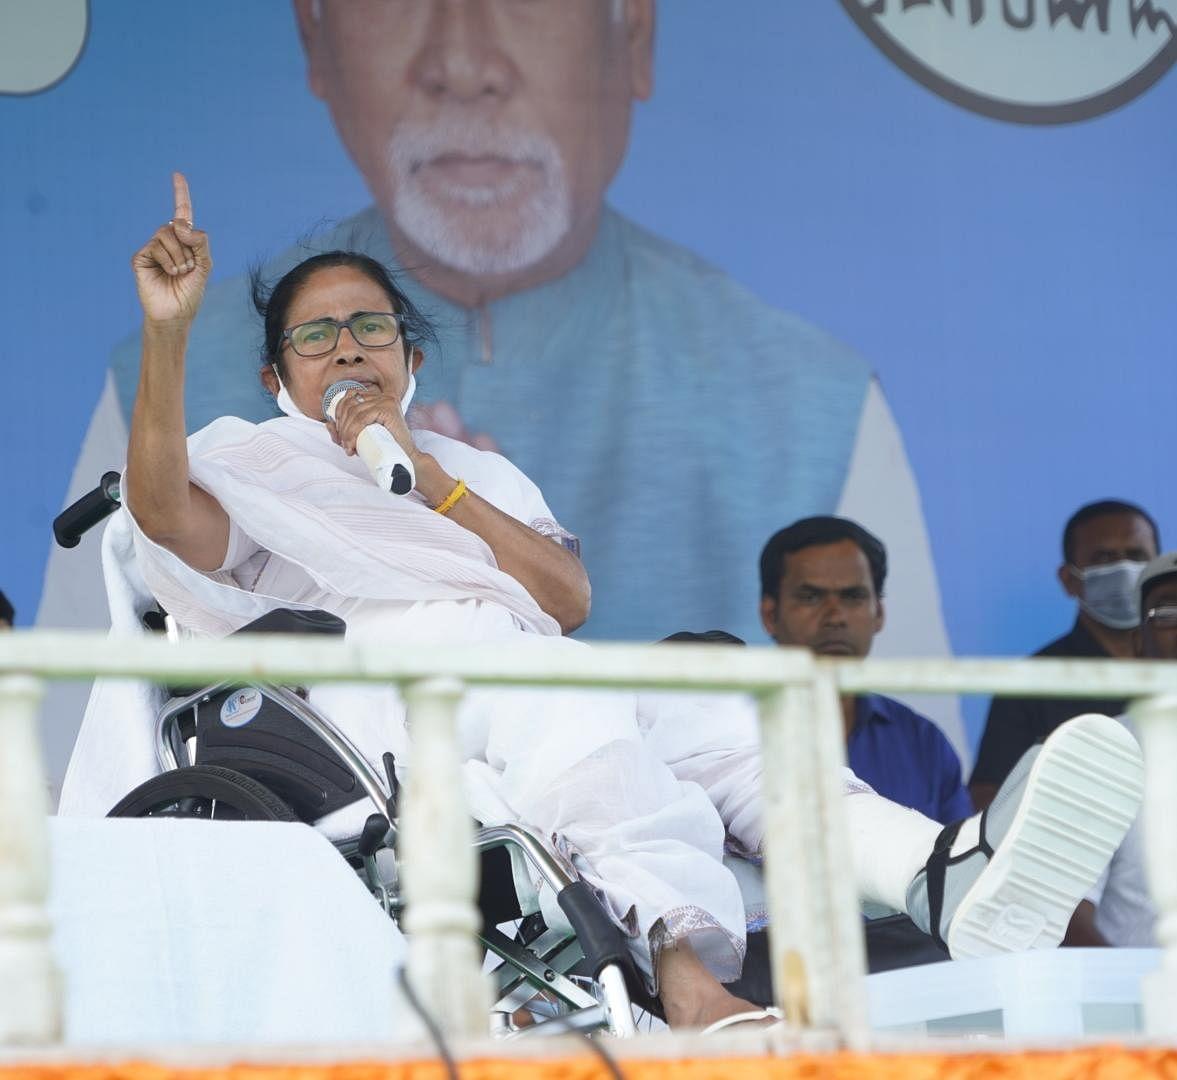 WB Chunav 2021 : क्या मैं चोर और घोटालेबाज हूं? पीएम मोदी के हिसाब मांगने पर बिफरी ममता बनर्जी, PM Cares Fund के पैसों पर उठाया सवाल